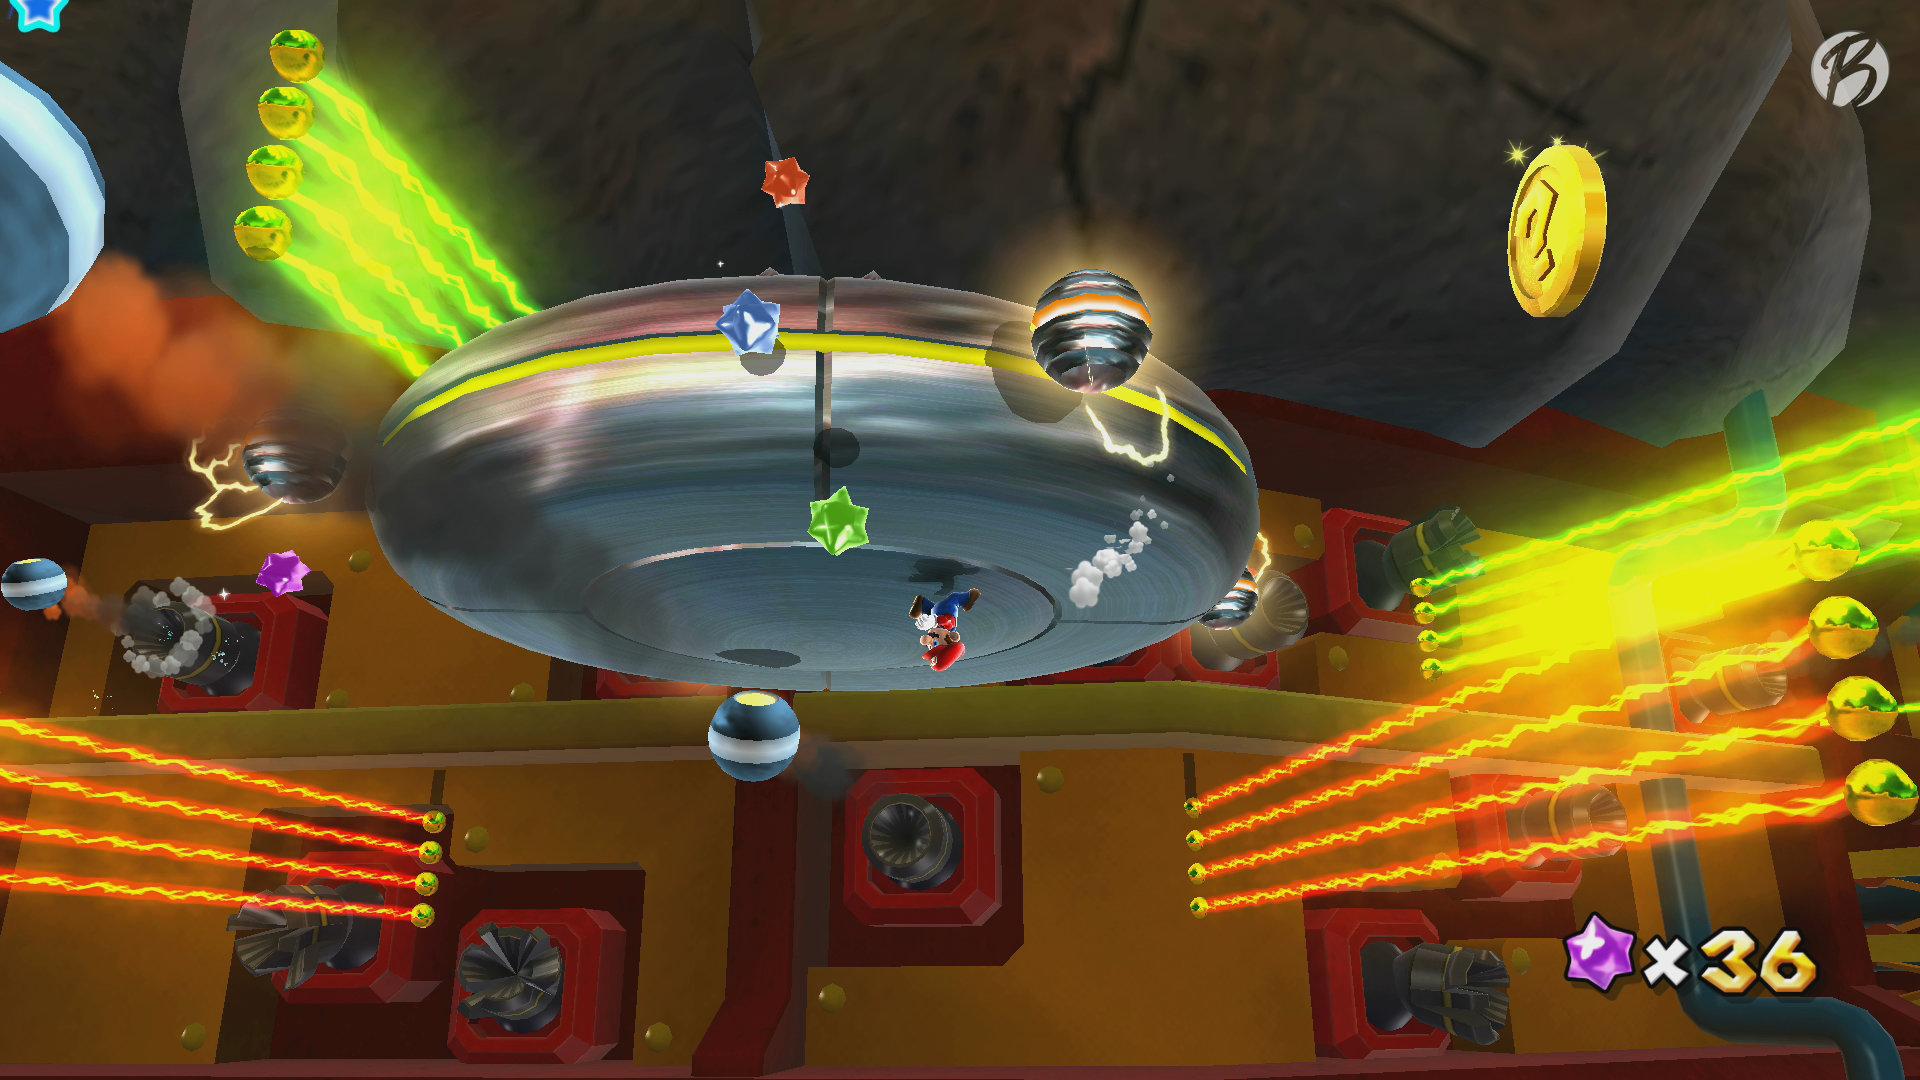 Super Mario 3D All-Stars - Super Mario Galaxy - Die Welt steht Kopf